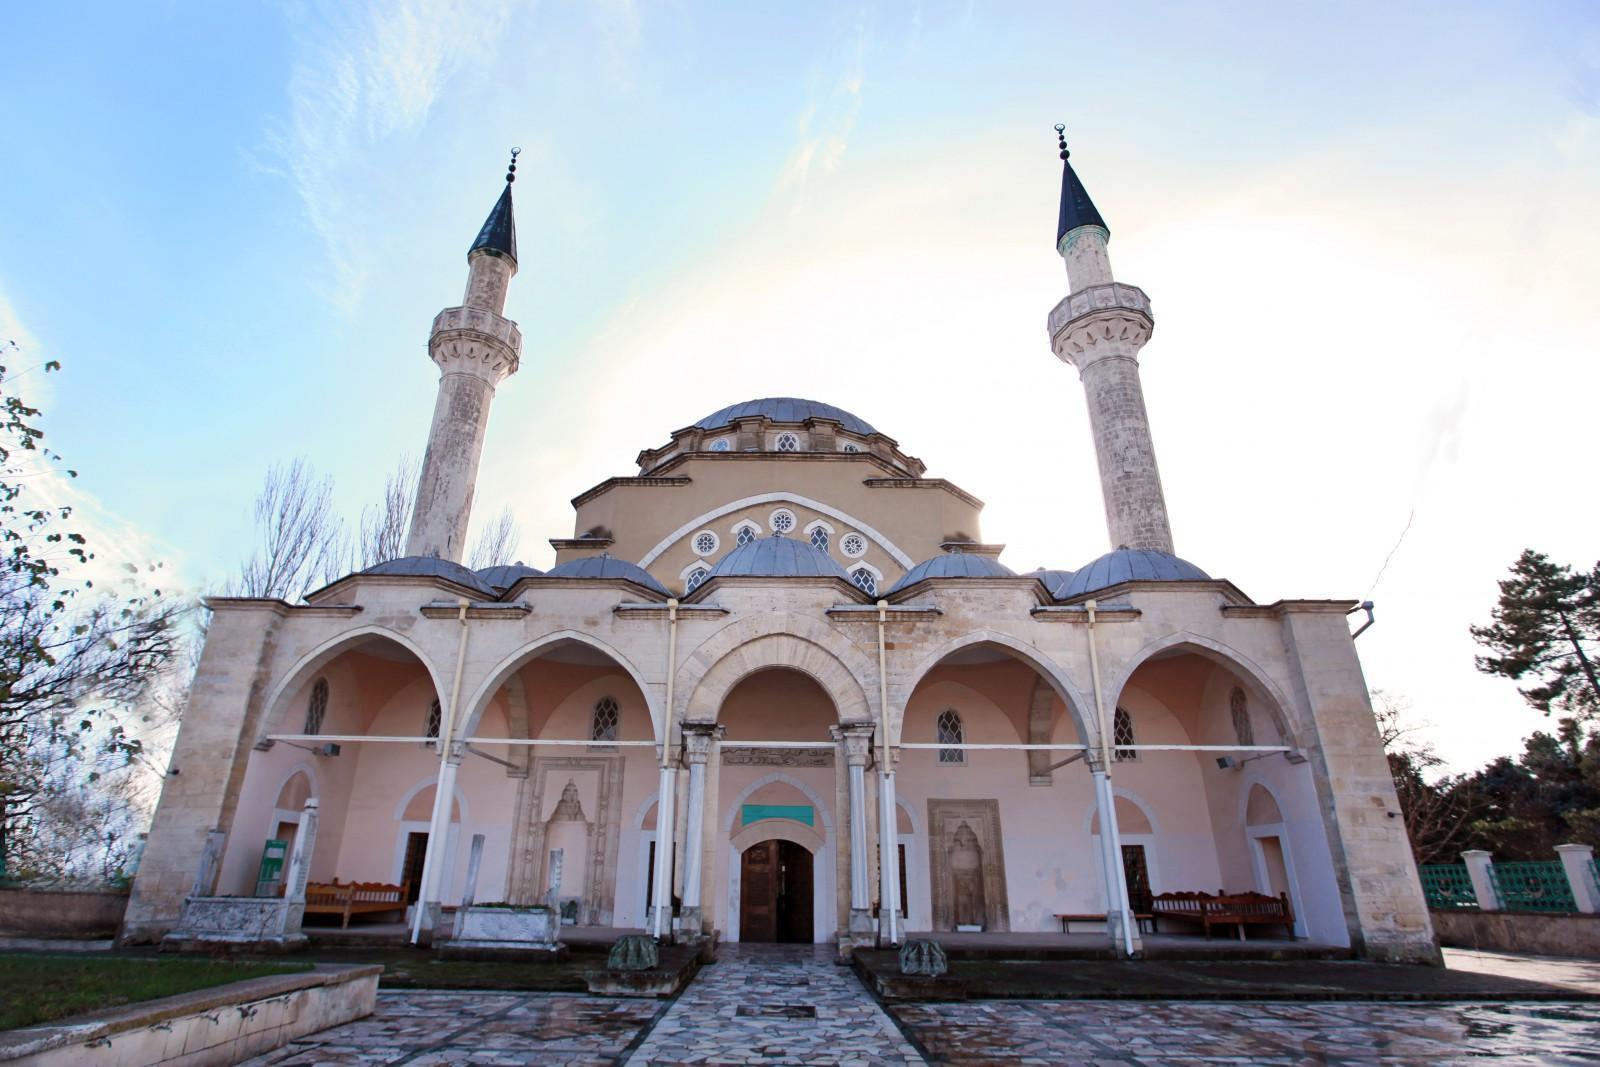 Мечеть Джума-Джами в Евпатории находится в «Старом» городе – древнем Гёзлёве, основанном османами после завоевания Крыма.